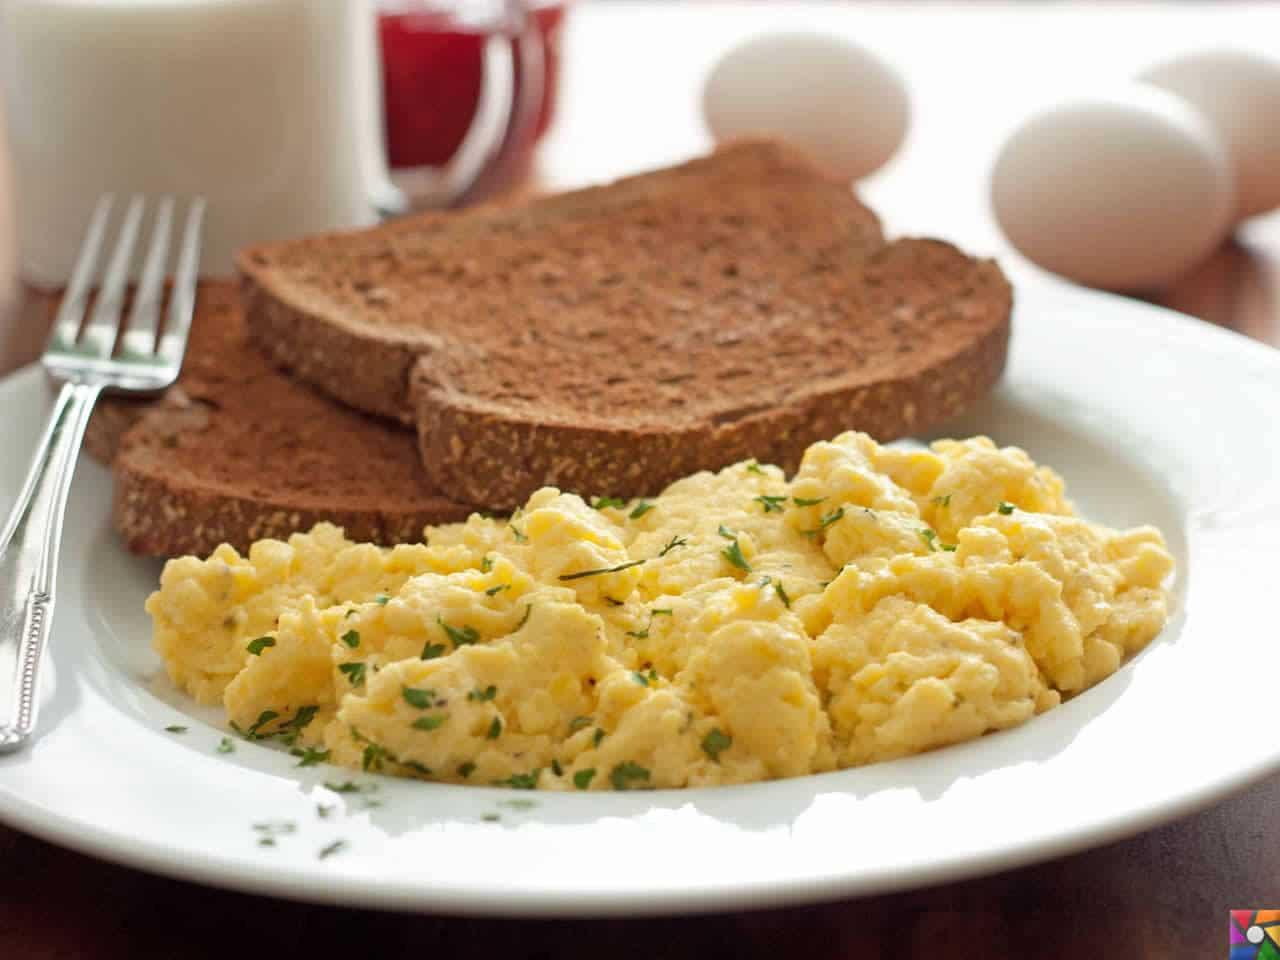 Besin Grupları Nelerdir? Besinlere göre nasıl dengeli beslenmeliyiz? | Sabah kahvaltısında yumurta ve tam tahıllı ekmekle kahvaltı